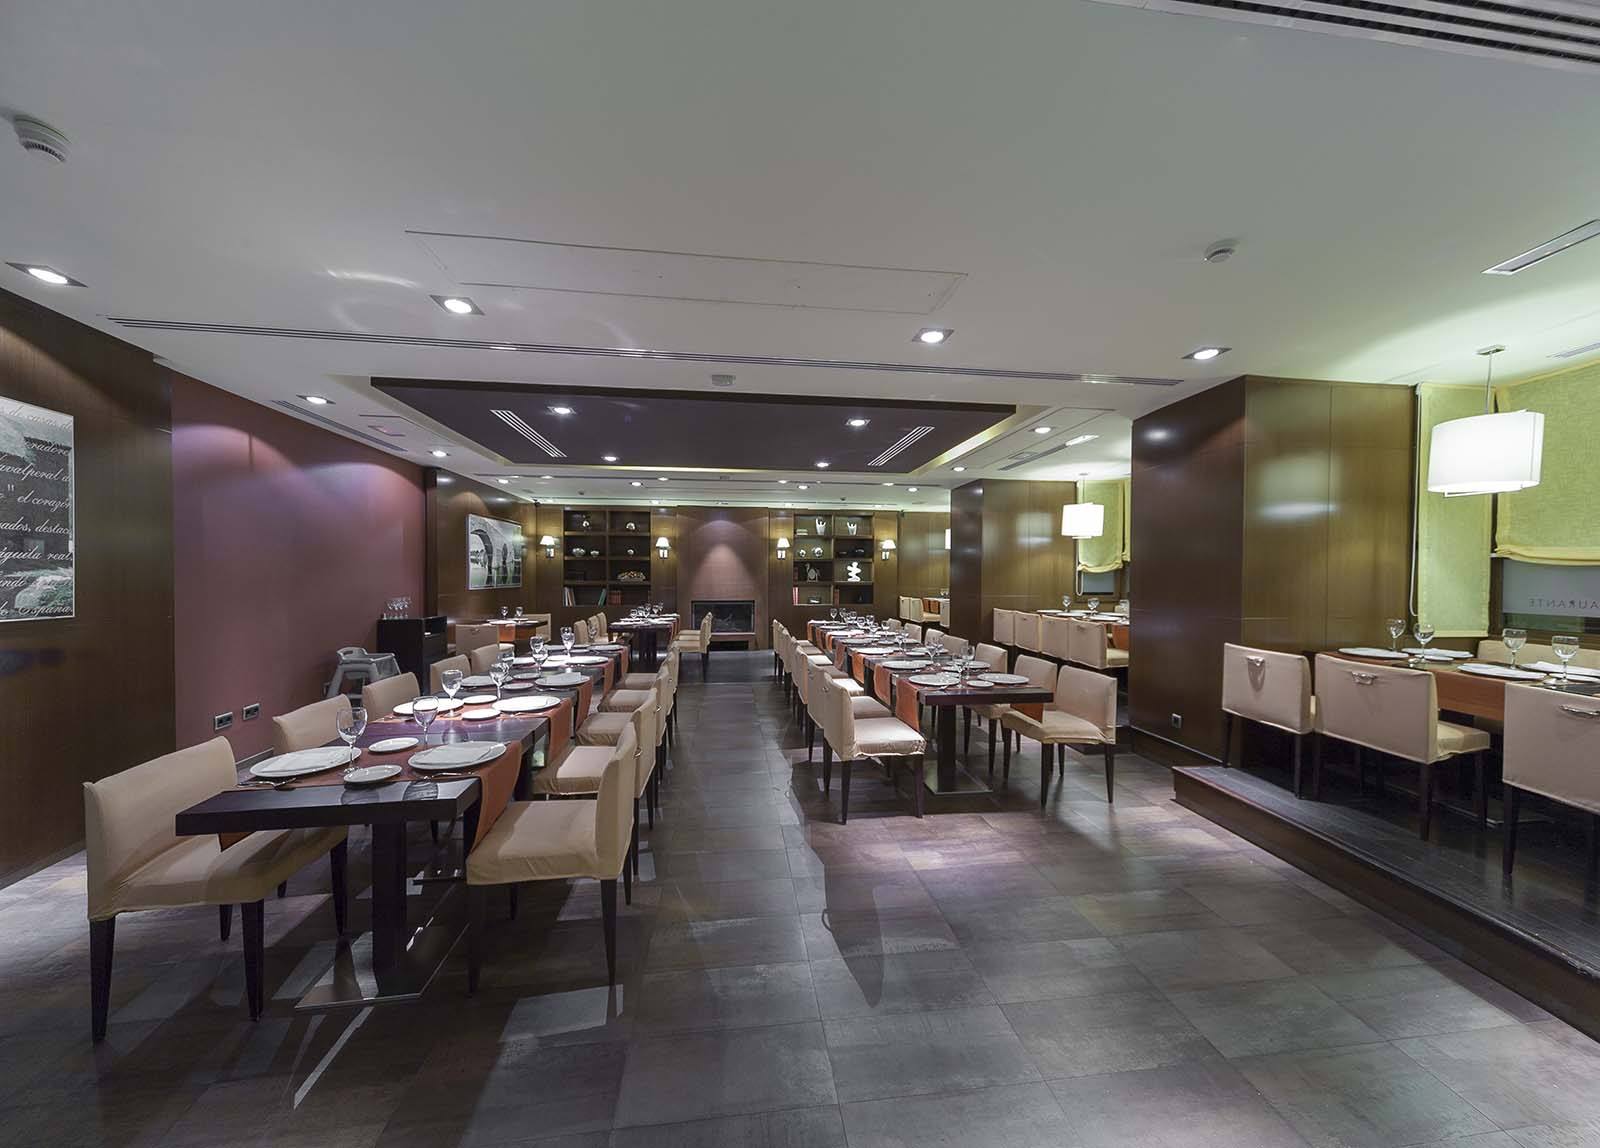 Restaurante Hotel Mirador de Gredos - Comedor noche - Vista amplia